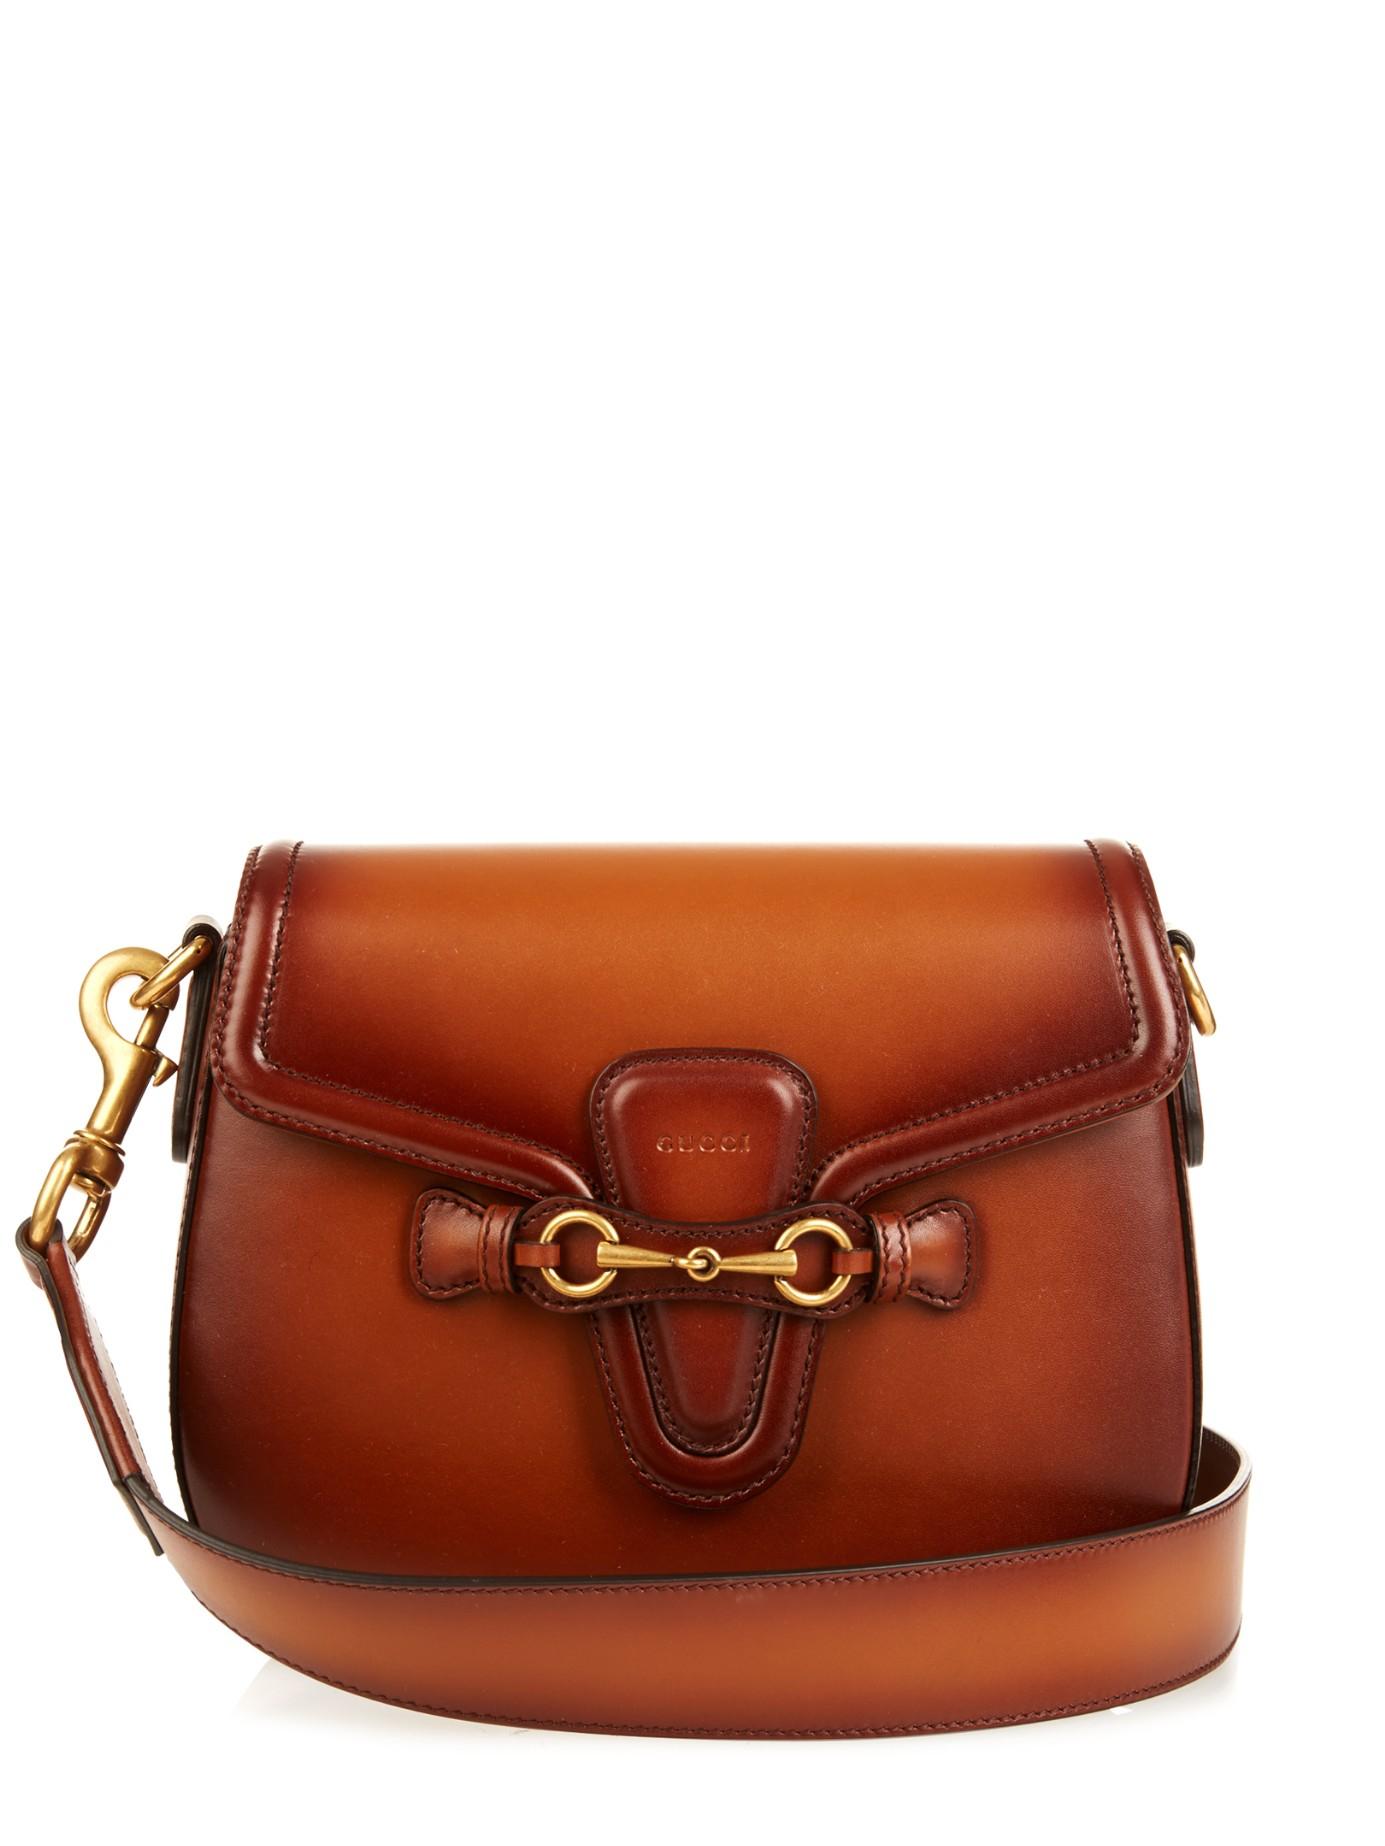 440c12a4da5 Lyst - Gucci Lady Web Medium Leather Shoulder Bag in Brown